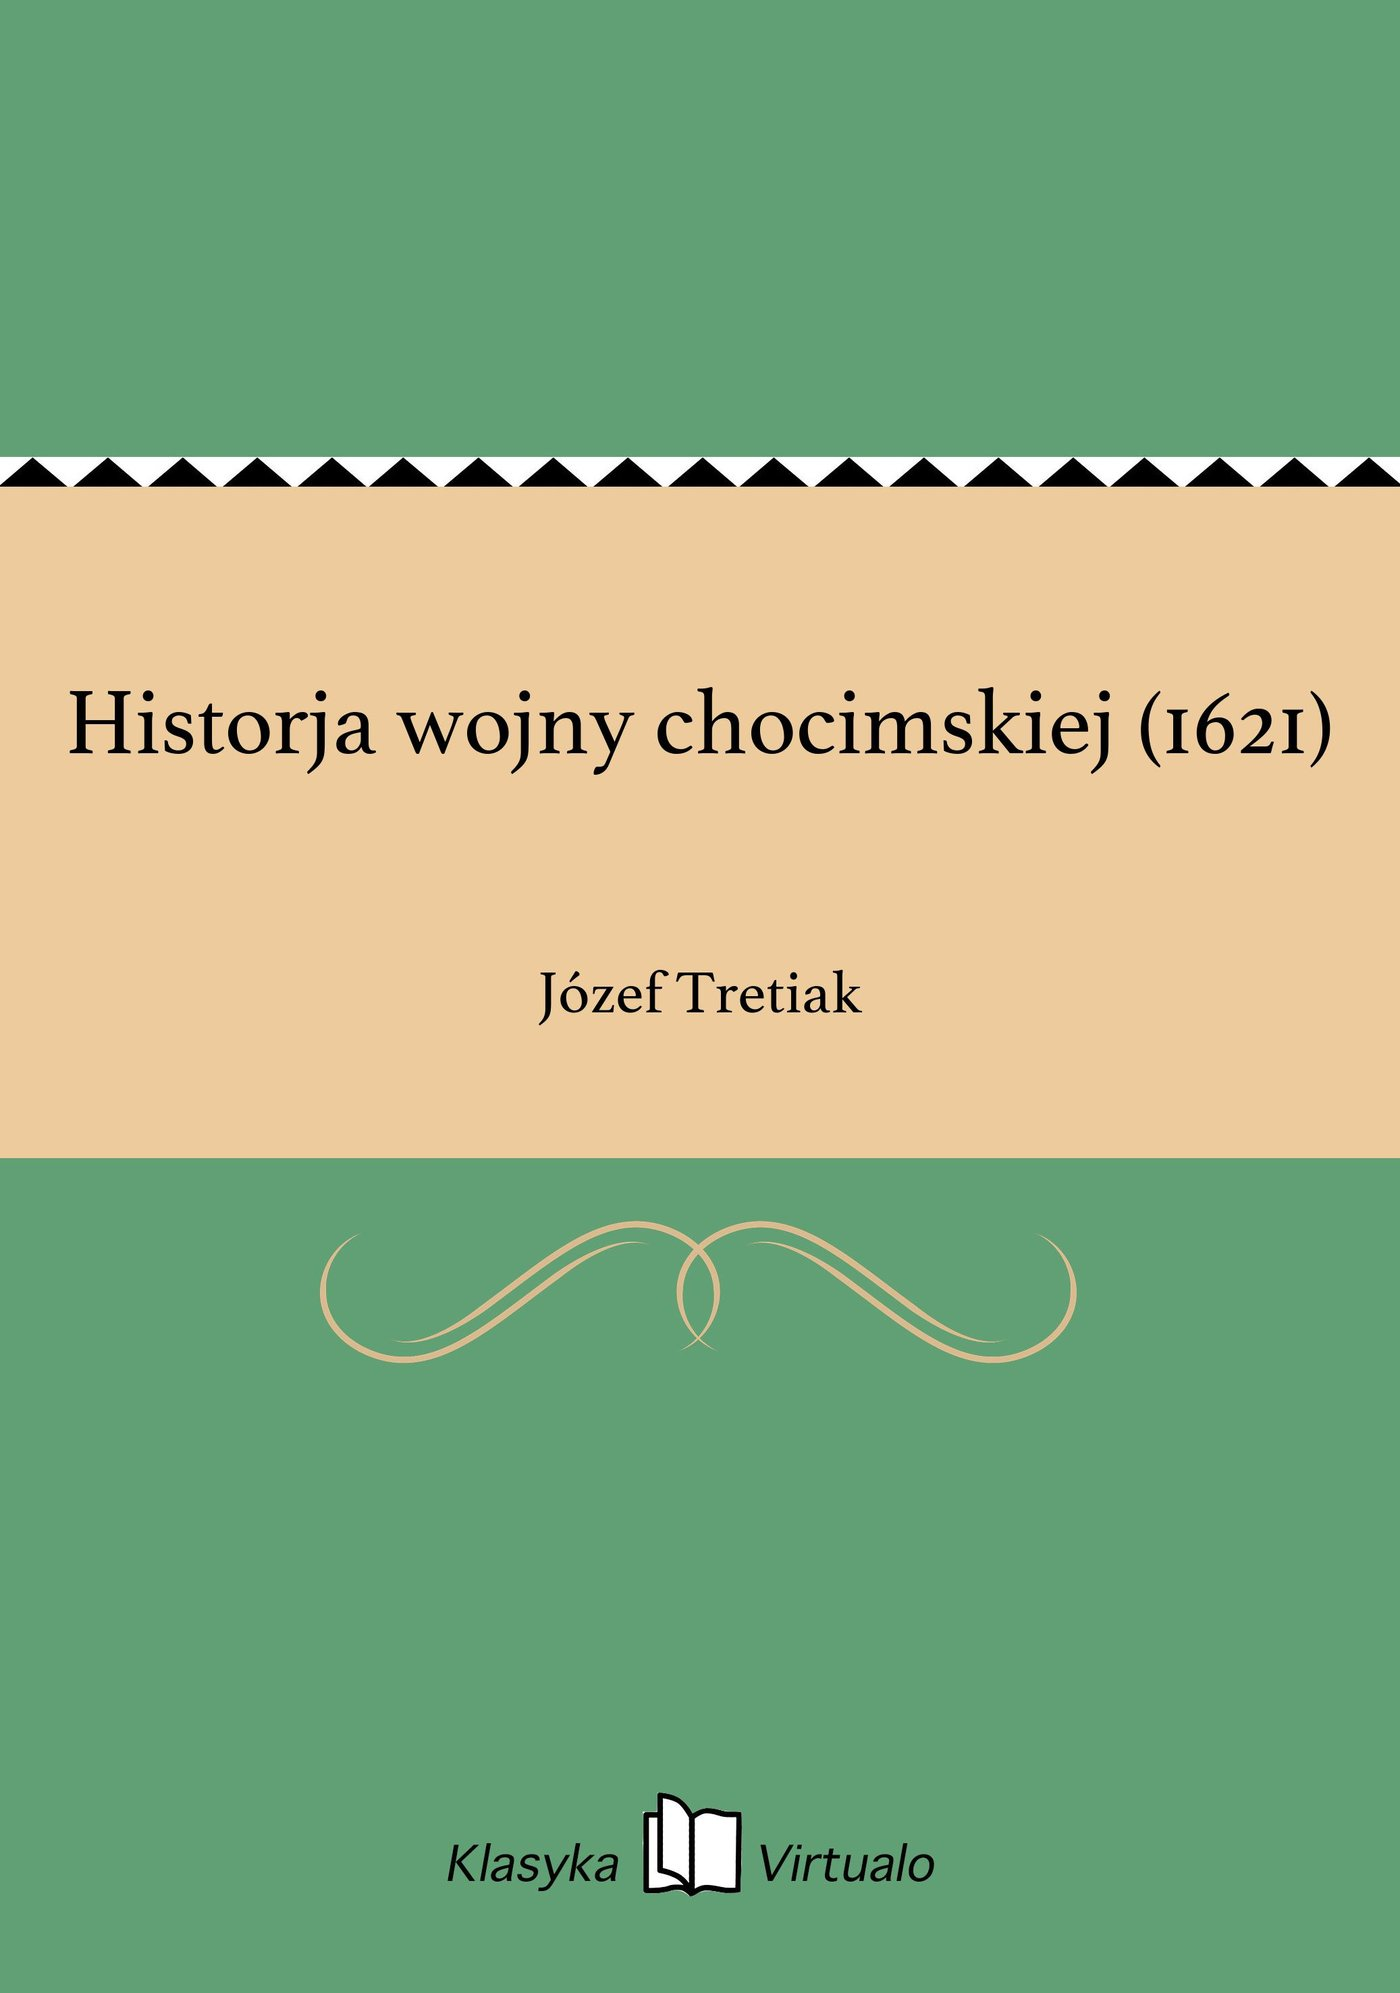 Historja wojny chocimskiej (1621) - Ebook (Książka EPUB) do pobrania w formacie EPUB